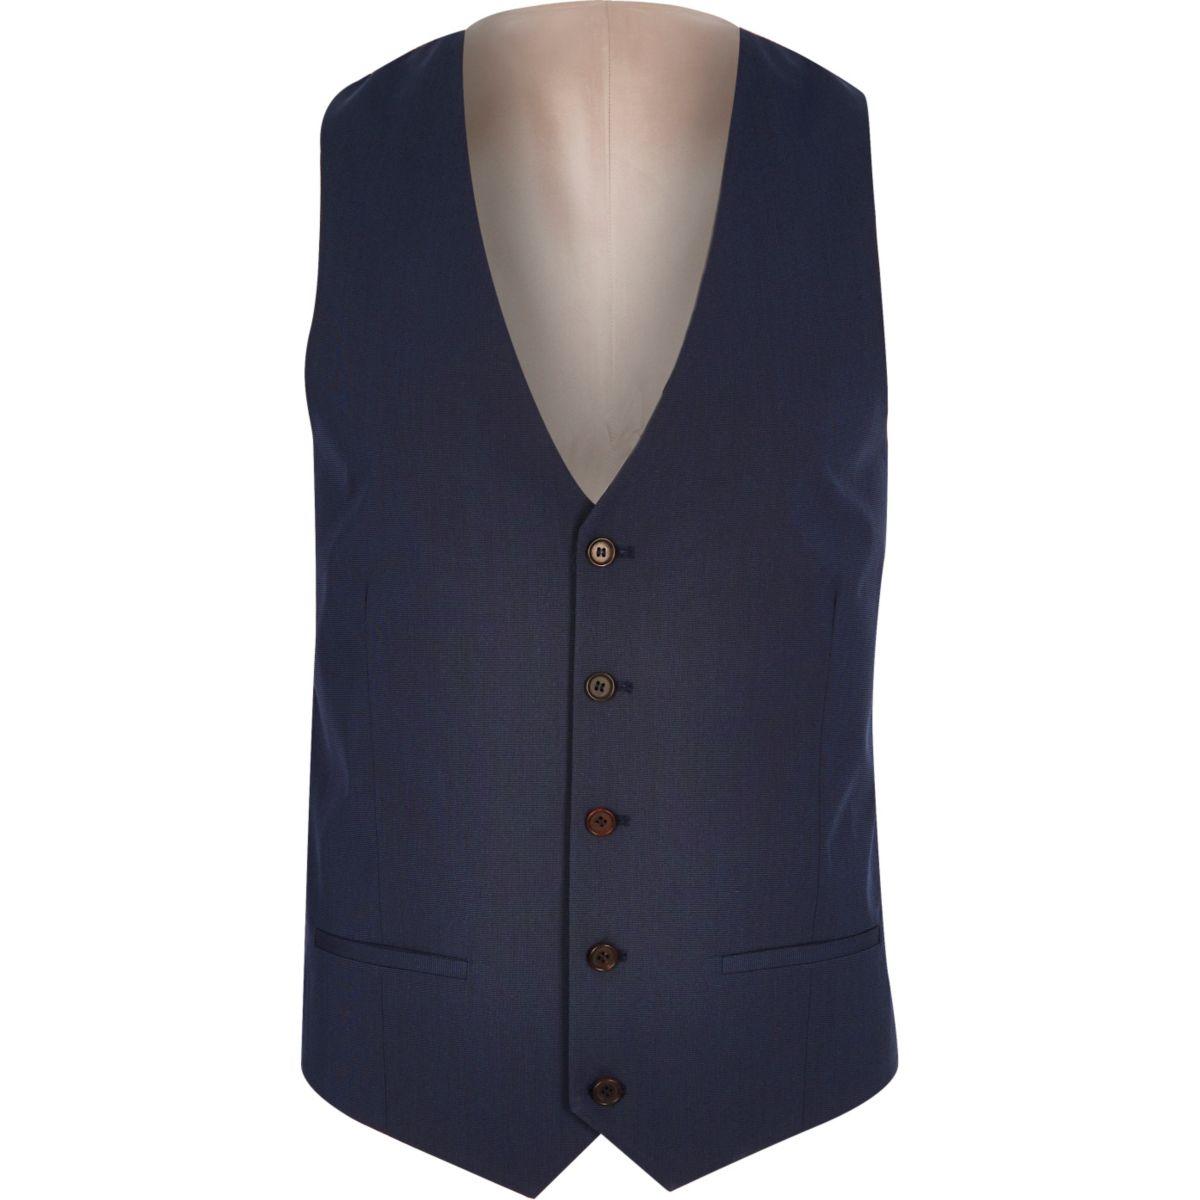 Dark blue five button vest